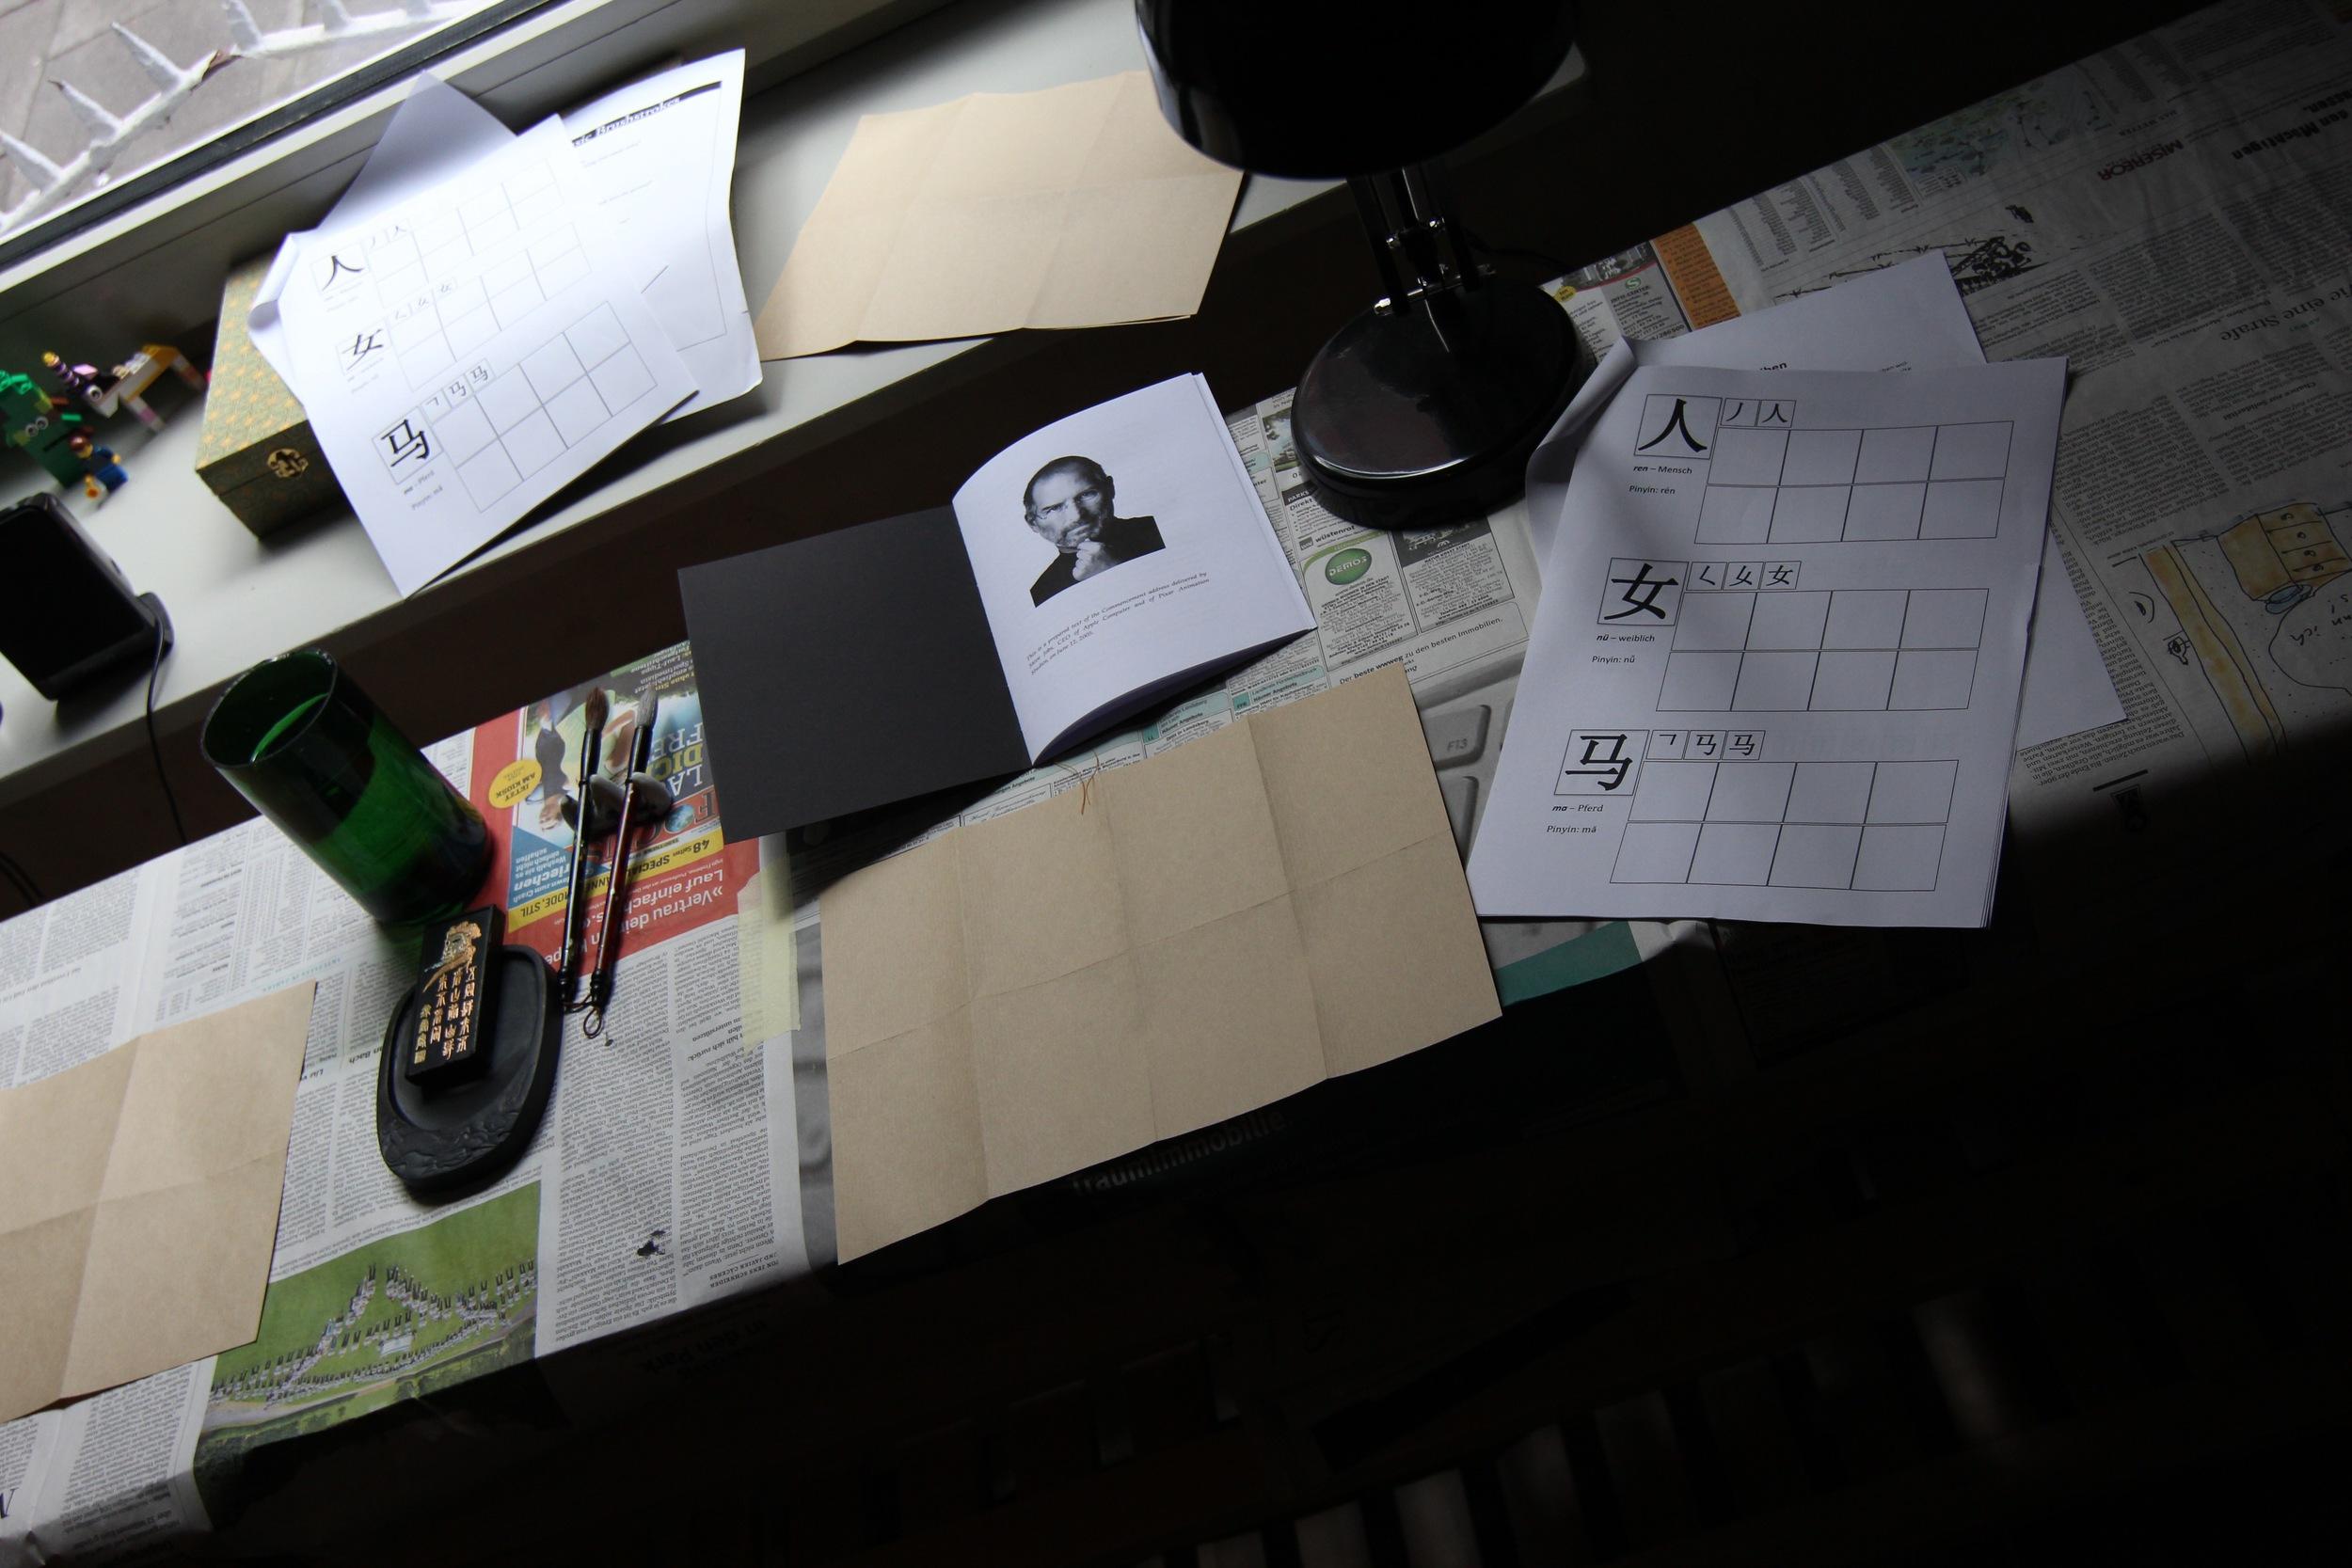 Eine Kalligrafie-Station mit Wasser, Tuschestein, Pinseln, Papier, chinesischen Schriftzeichen als Vorlage und ein Heft mit einer Rede von Steve Jobs, in der er erklärt, warum die Tatsache, dass er das College schmiss dazu führte, dass er Kalligrafie studierte, was wiederum das Design digitaler Devices prägte.